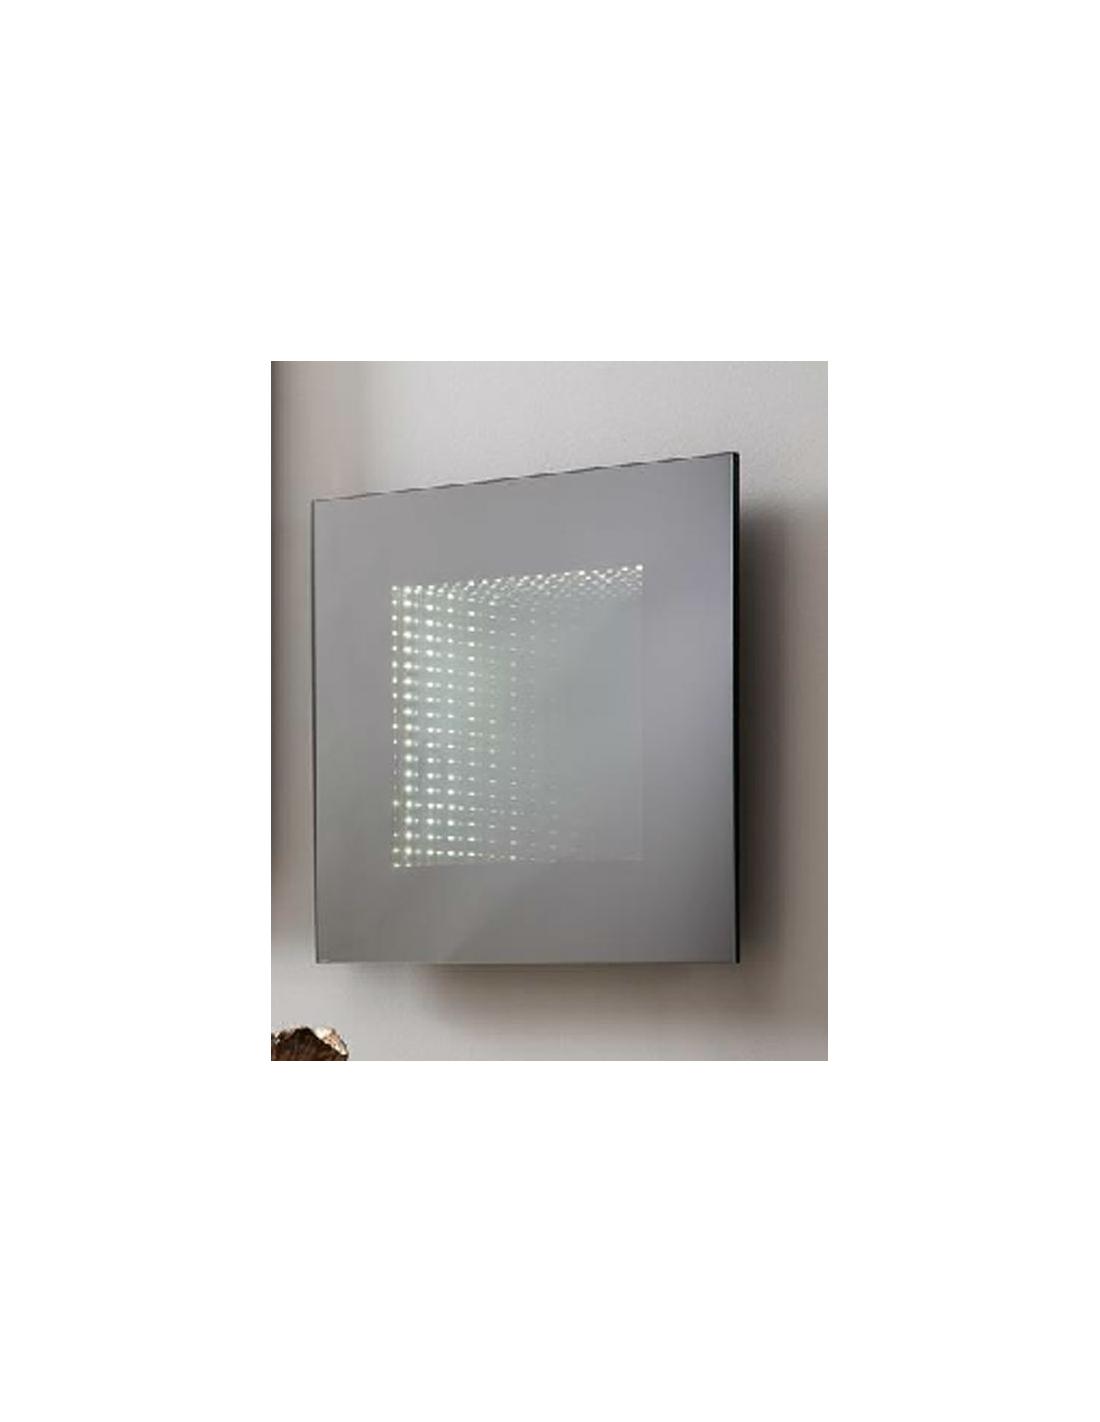 comprar espejo cuadrado de 50 x 50 cm con leds sin moldura